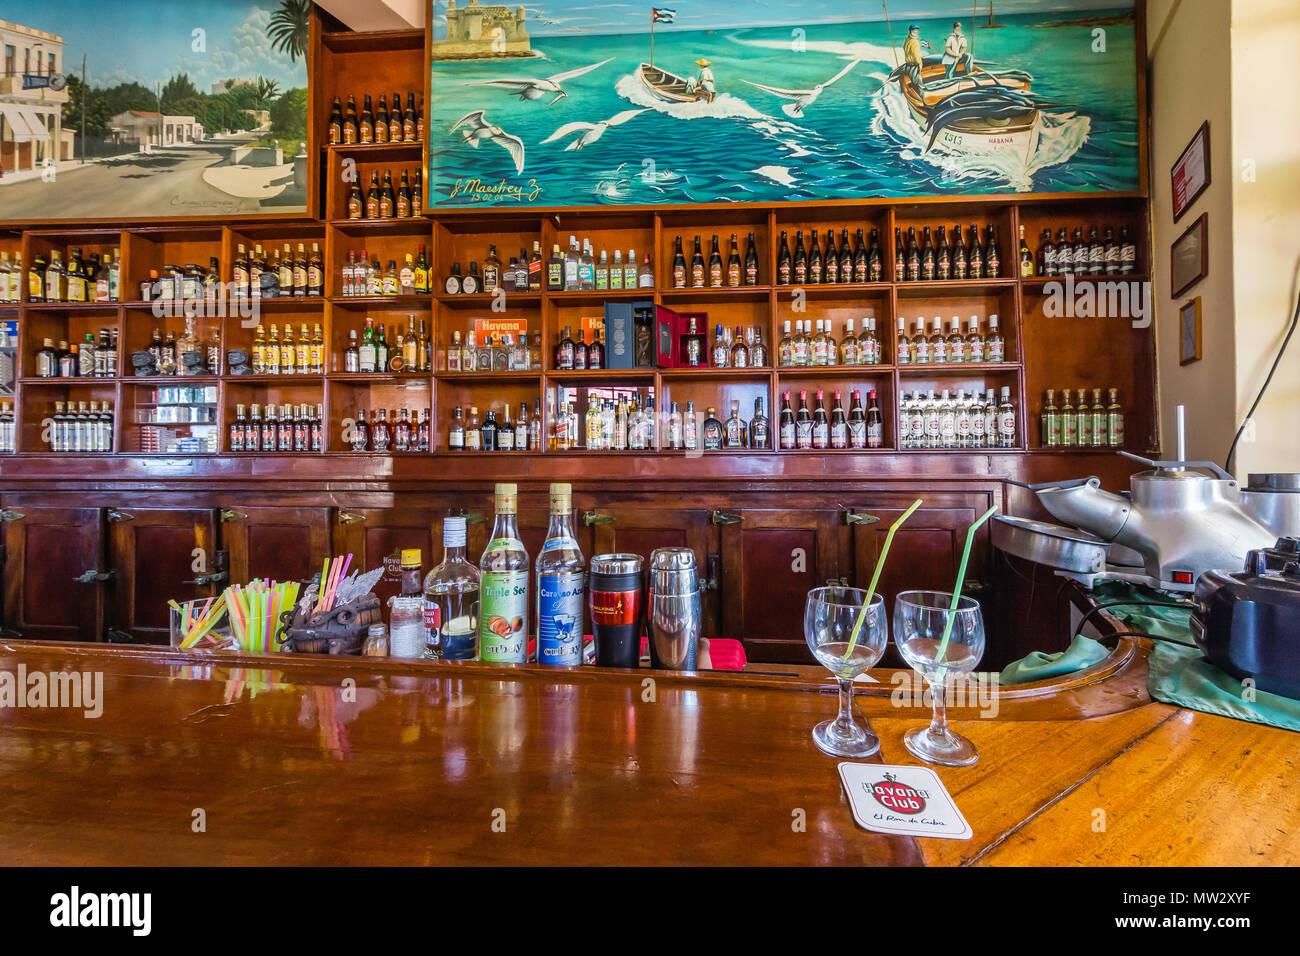 La Terraza De Cojimar One Of Ernest Hemingway S Favorite